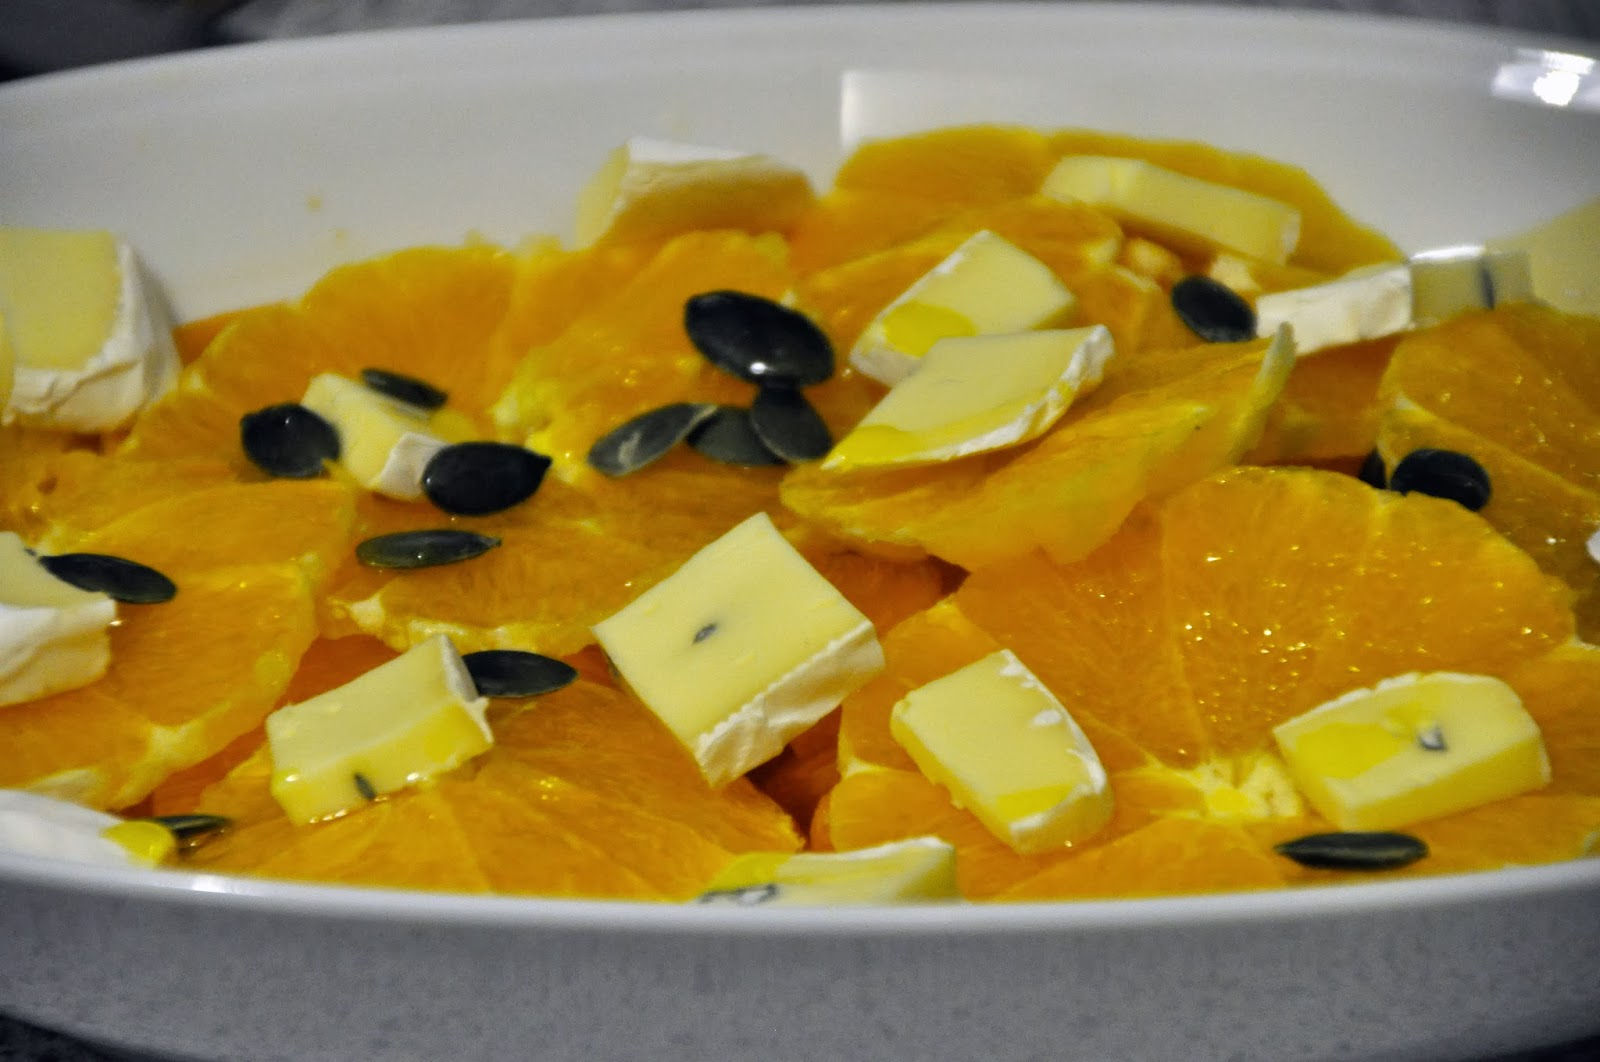 Szybko Tanio Smacznie - Kaki z pomarańczą i serem pleśniowym